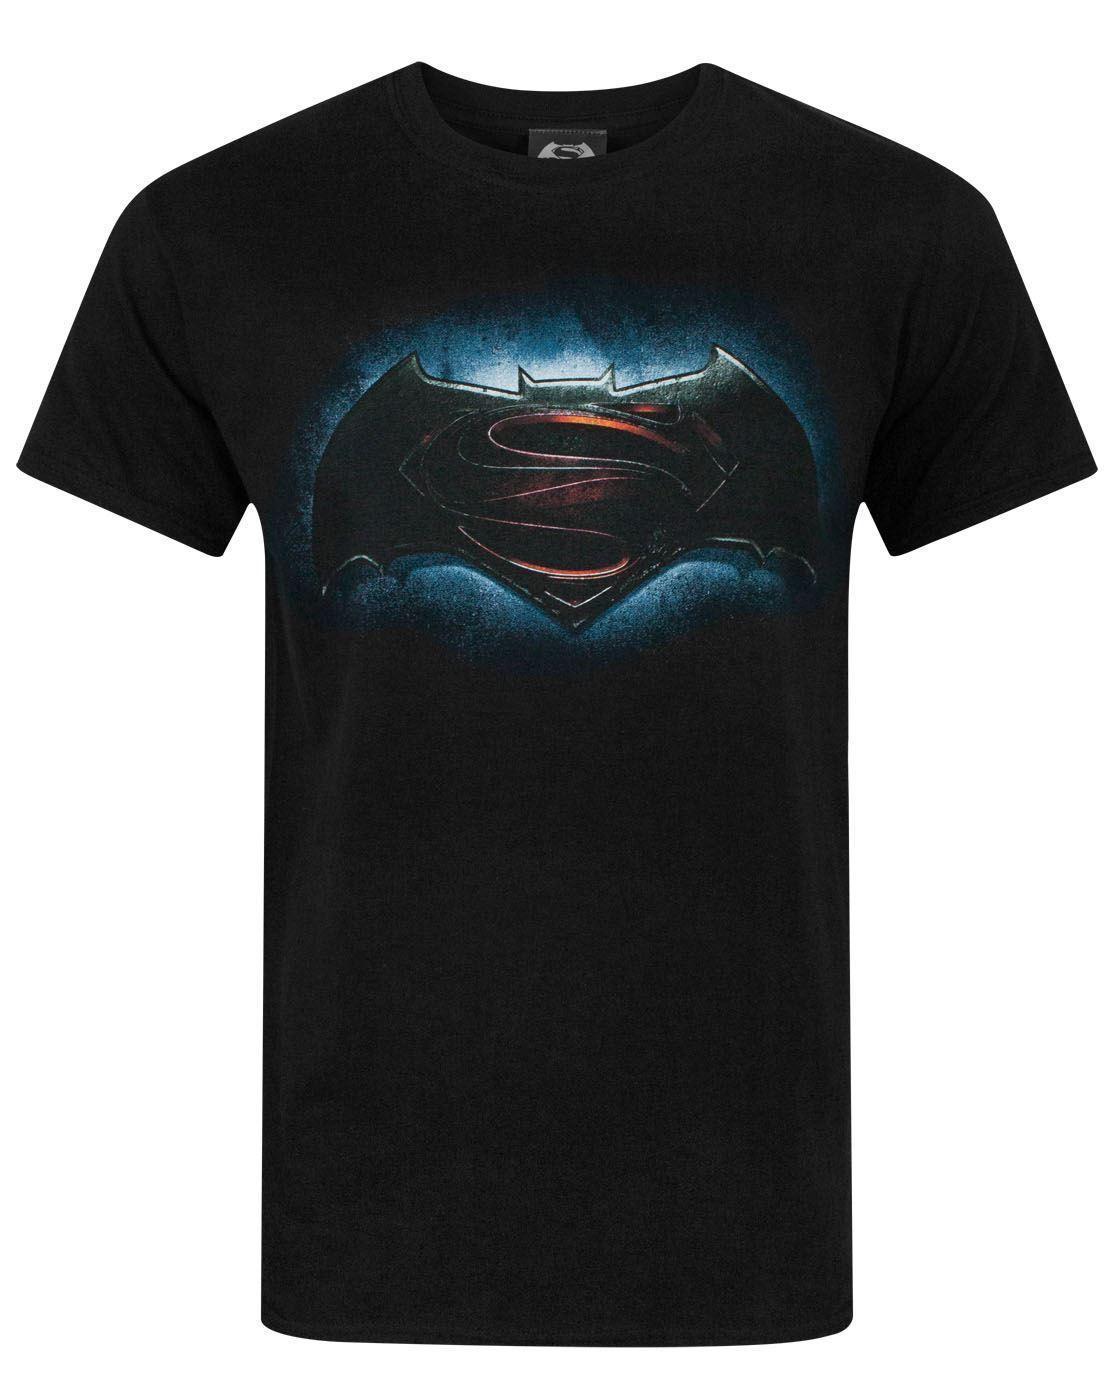 5cb144f9bf Großhandel Batman VS Superman Logo Männer Schwarz Baumwolle T Shirt Größen  S M L XL XXL Von Personalityttshirt, $13.19 Auf De.Dhgate.Com   Dhgate